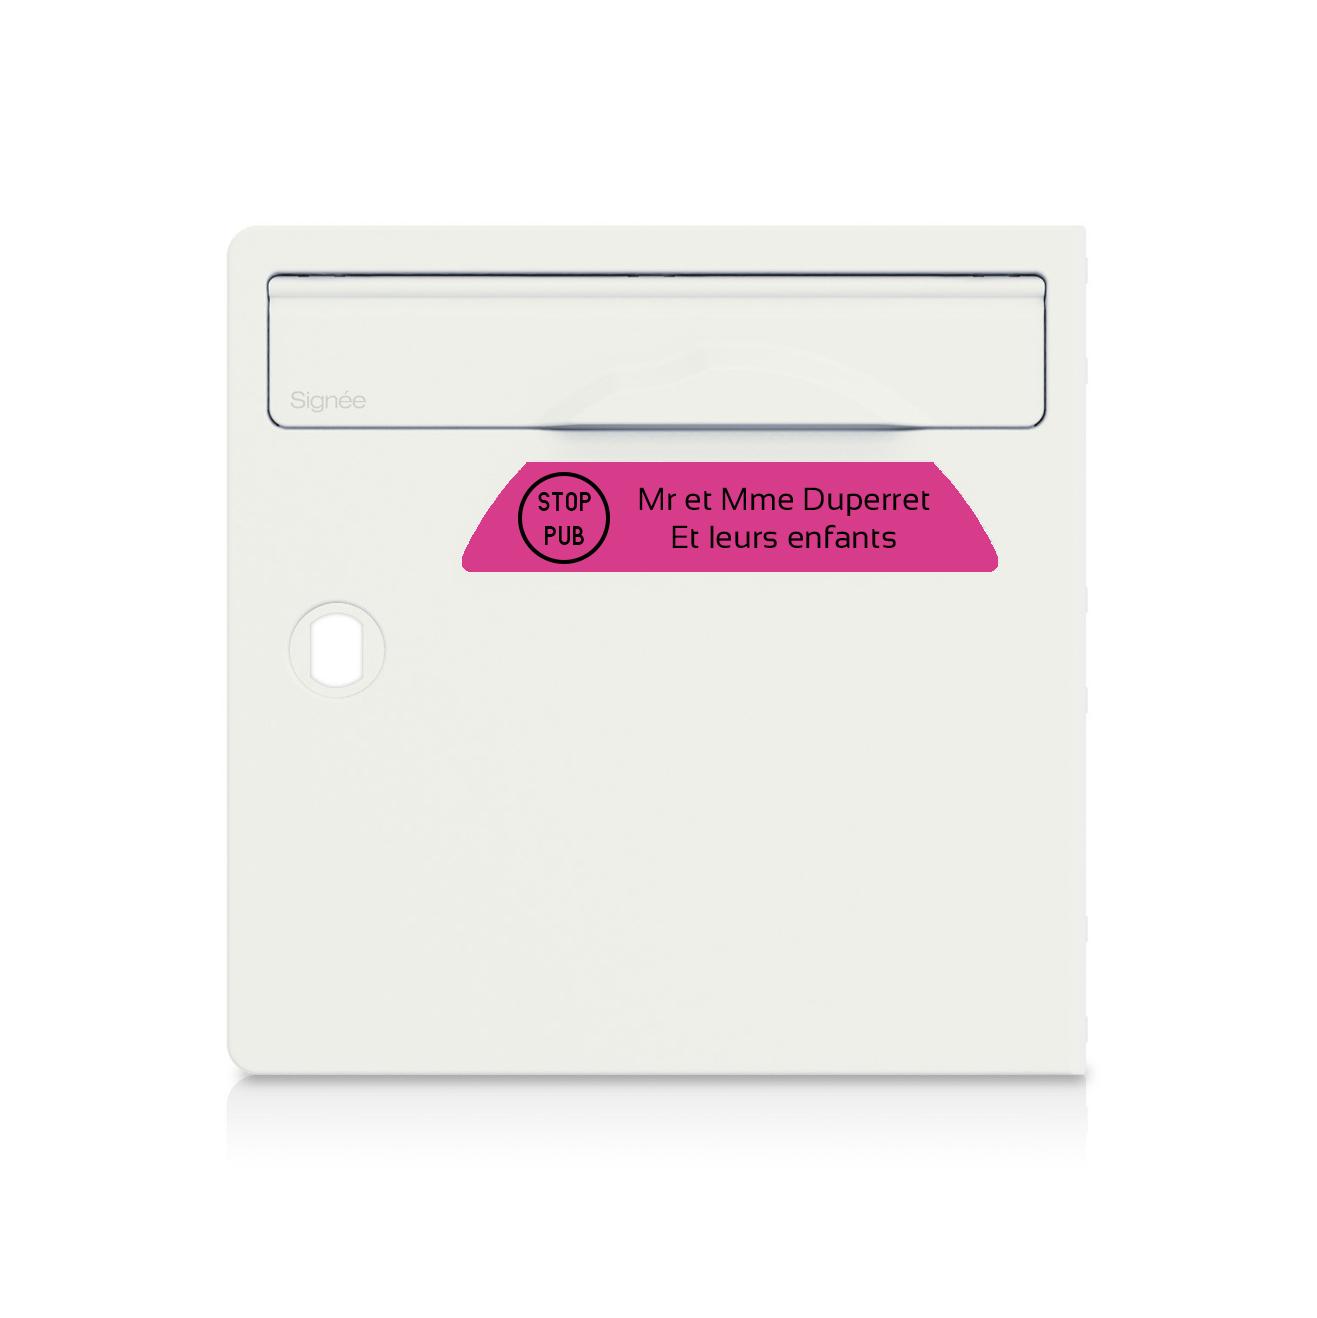 plaque boite aux lettres Signée STOP PUB rose lettres noires - 2 lignes